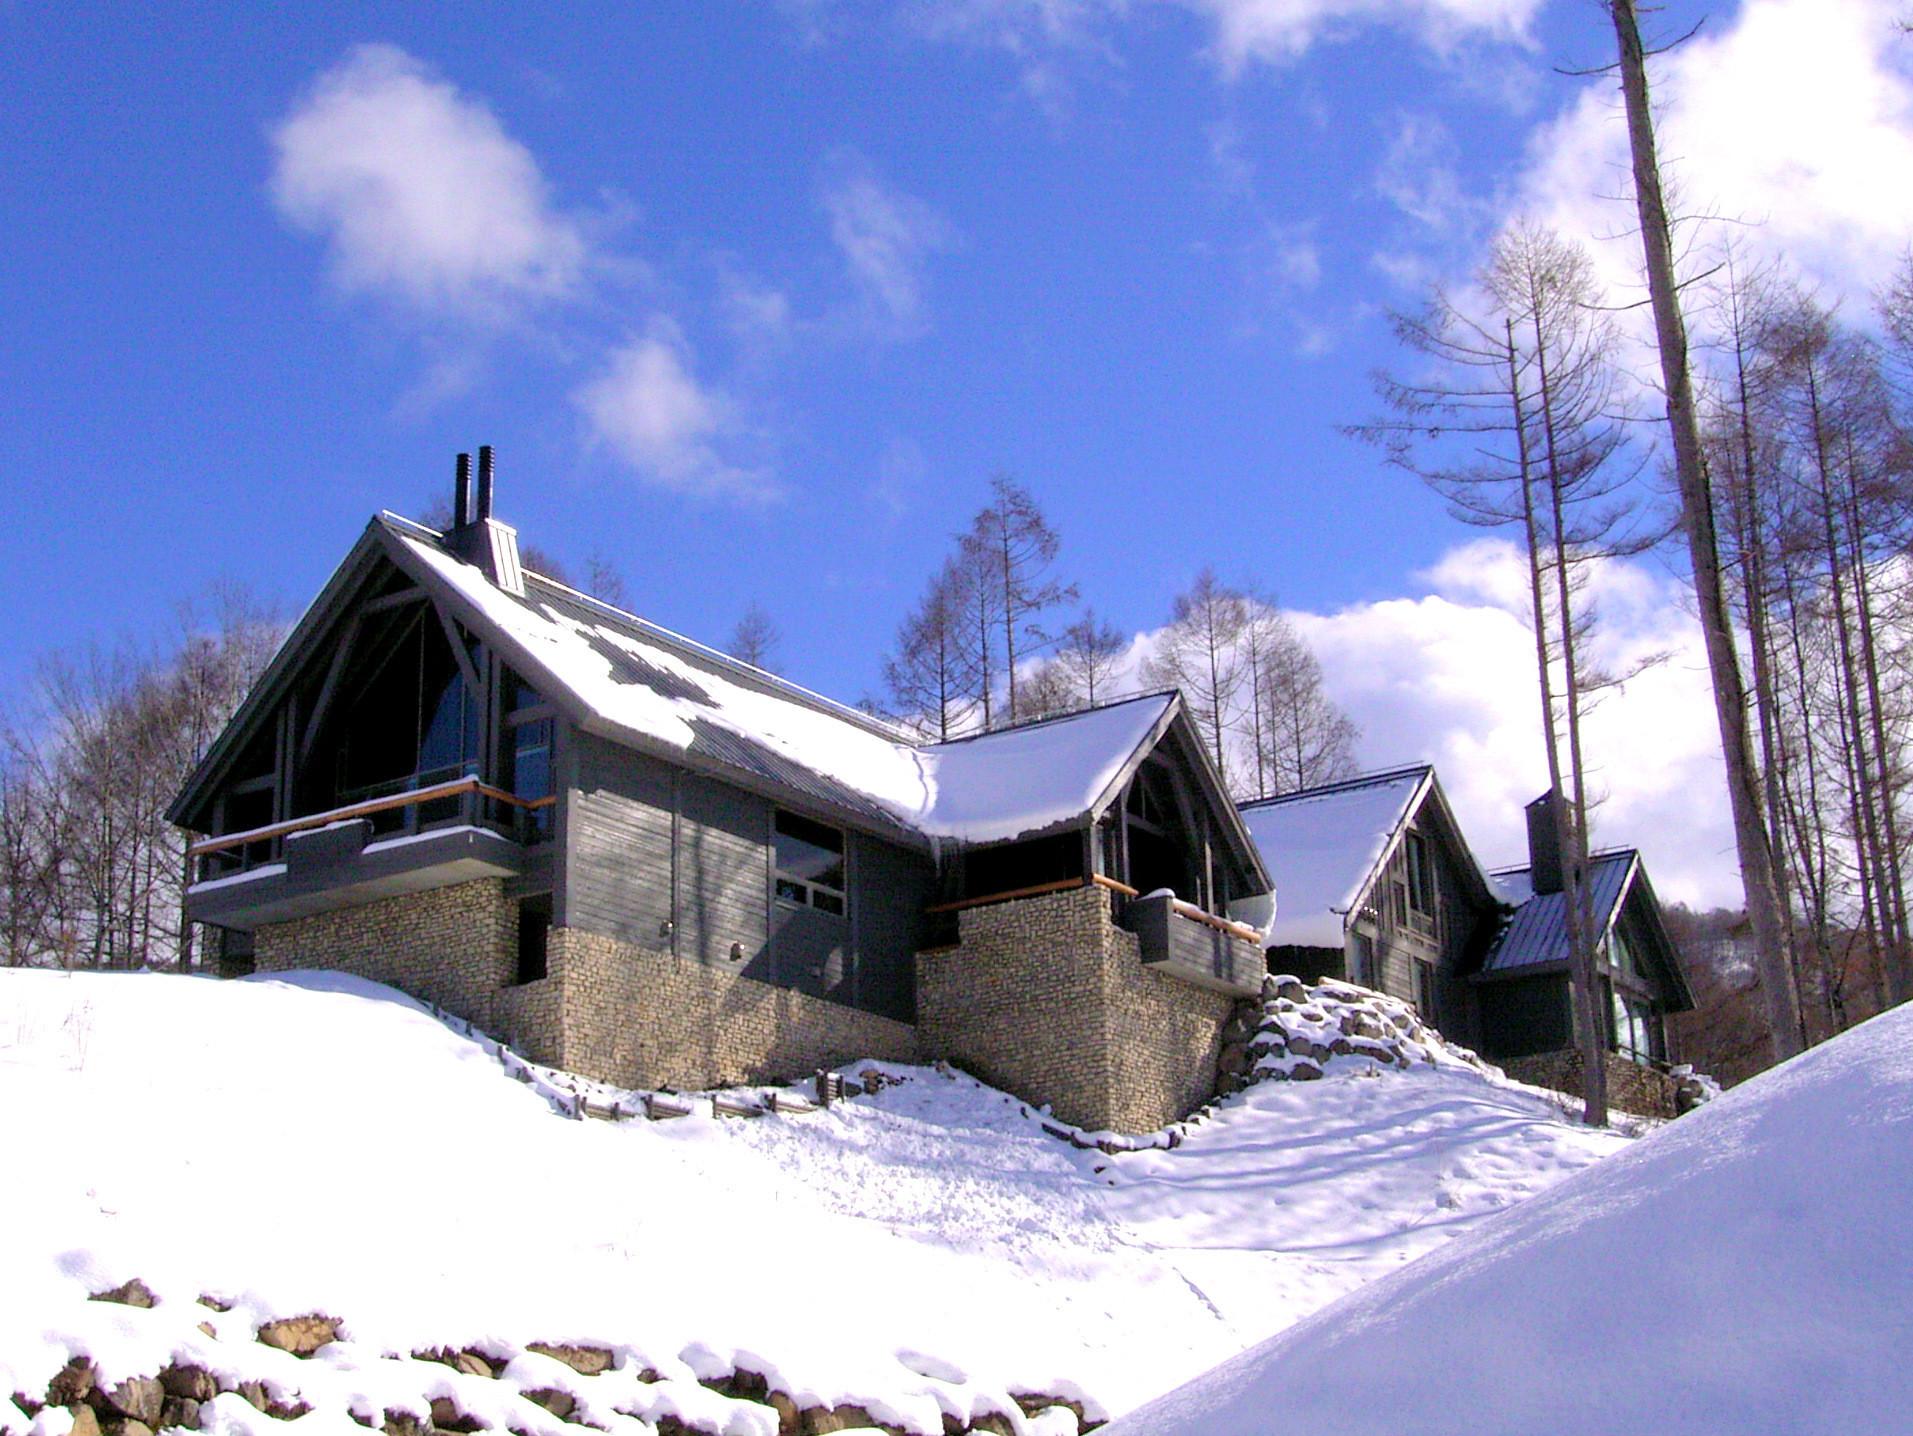 水上高原のヴィラ 高原のゴルフリゾートに建つ高級別荘の建築事例写真